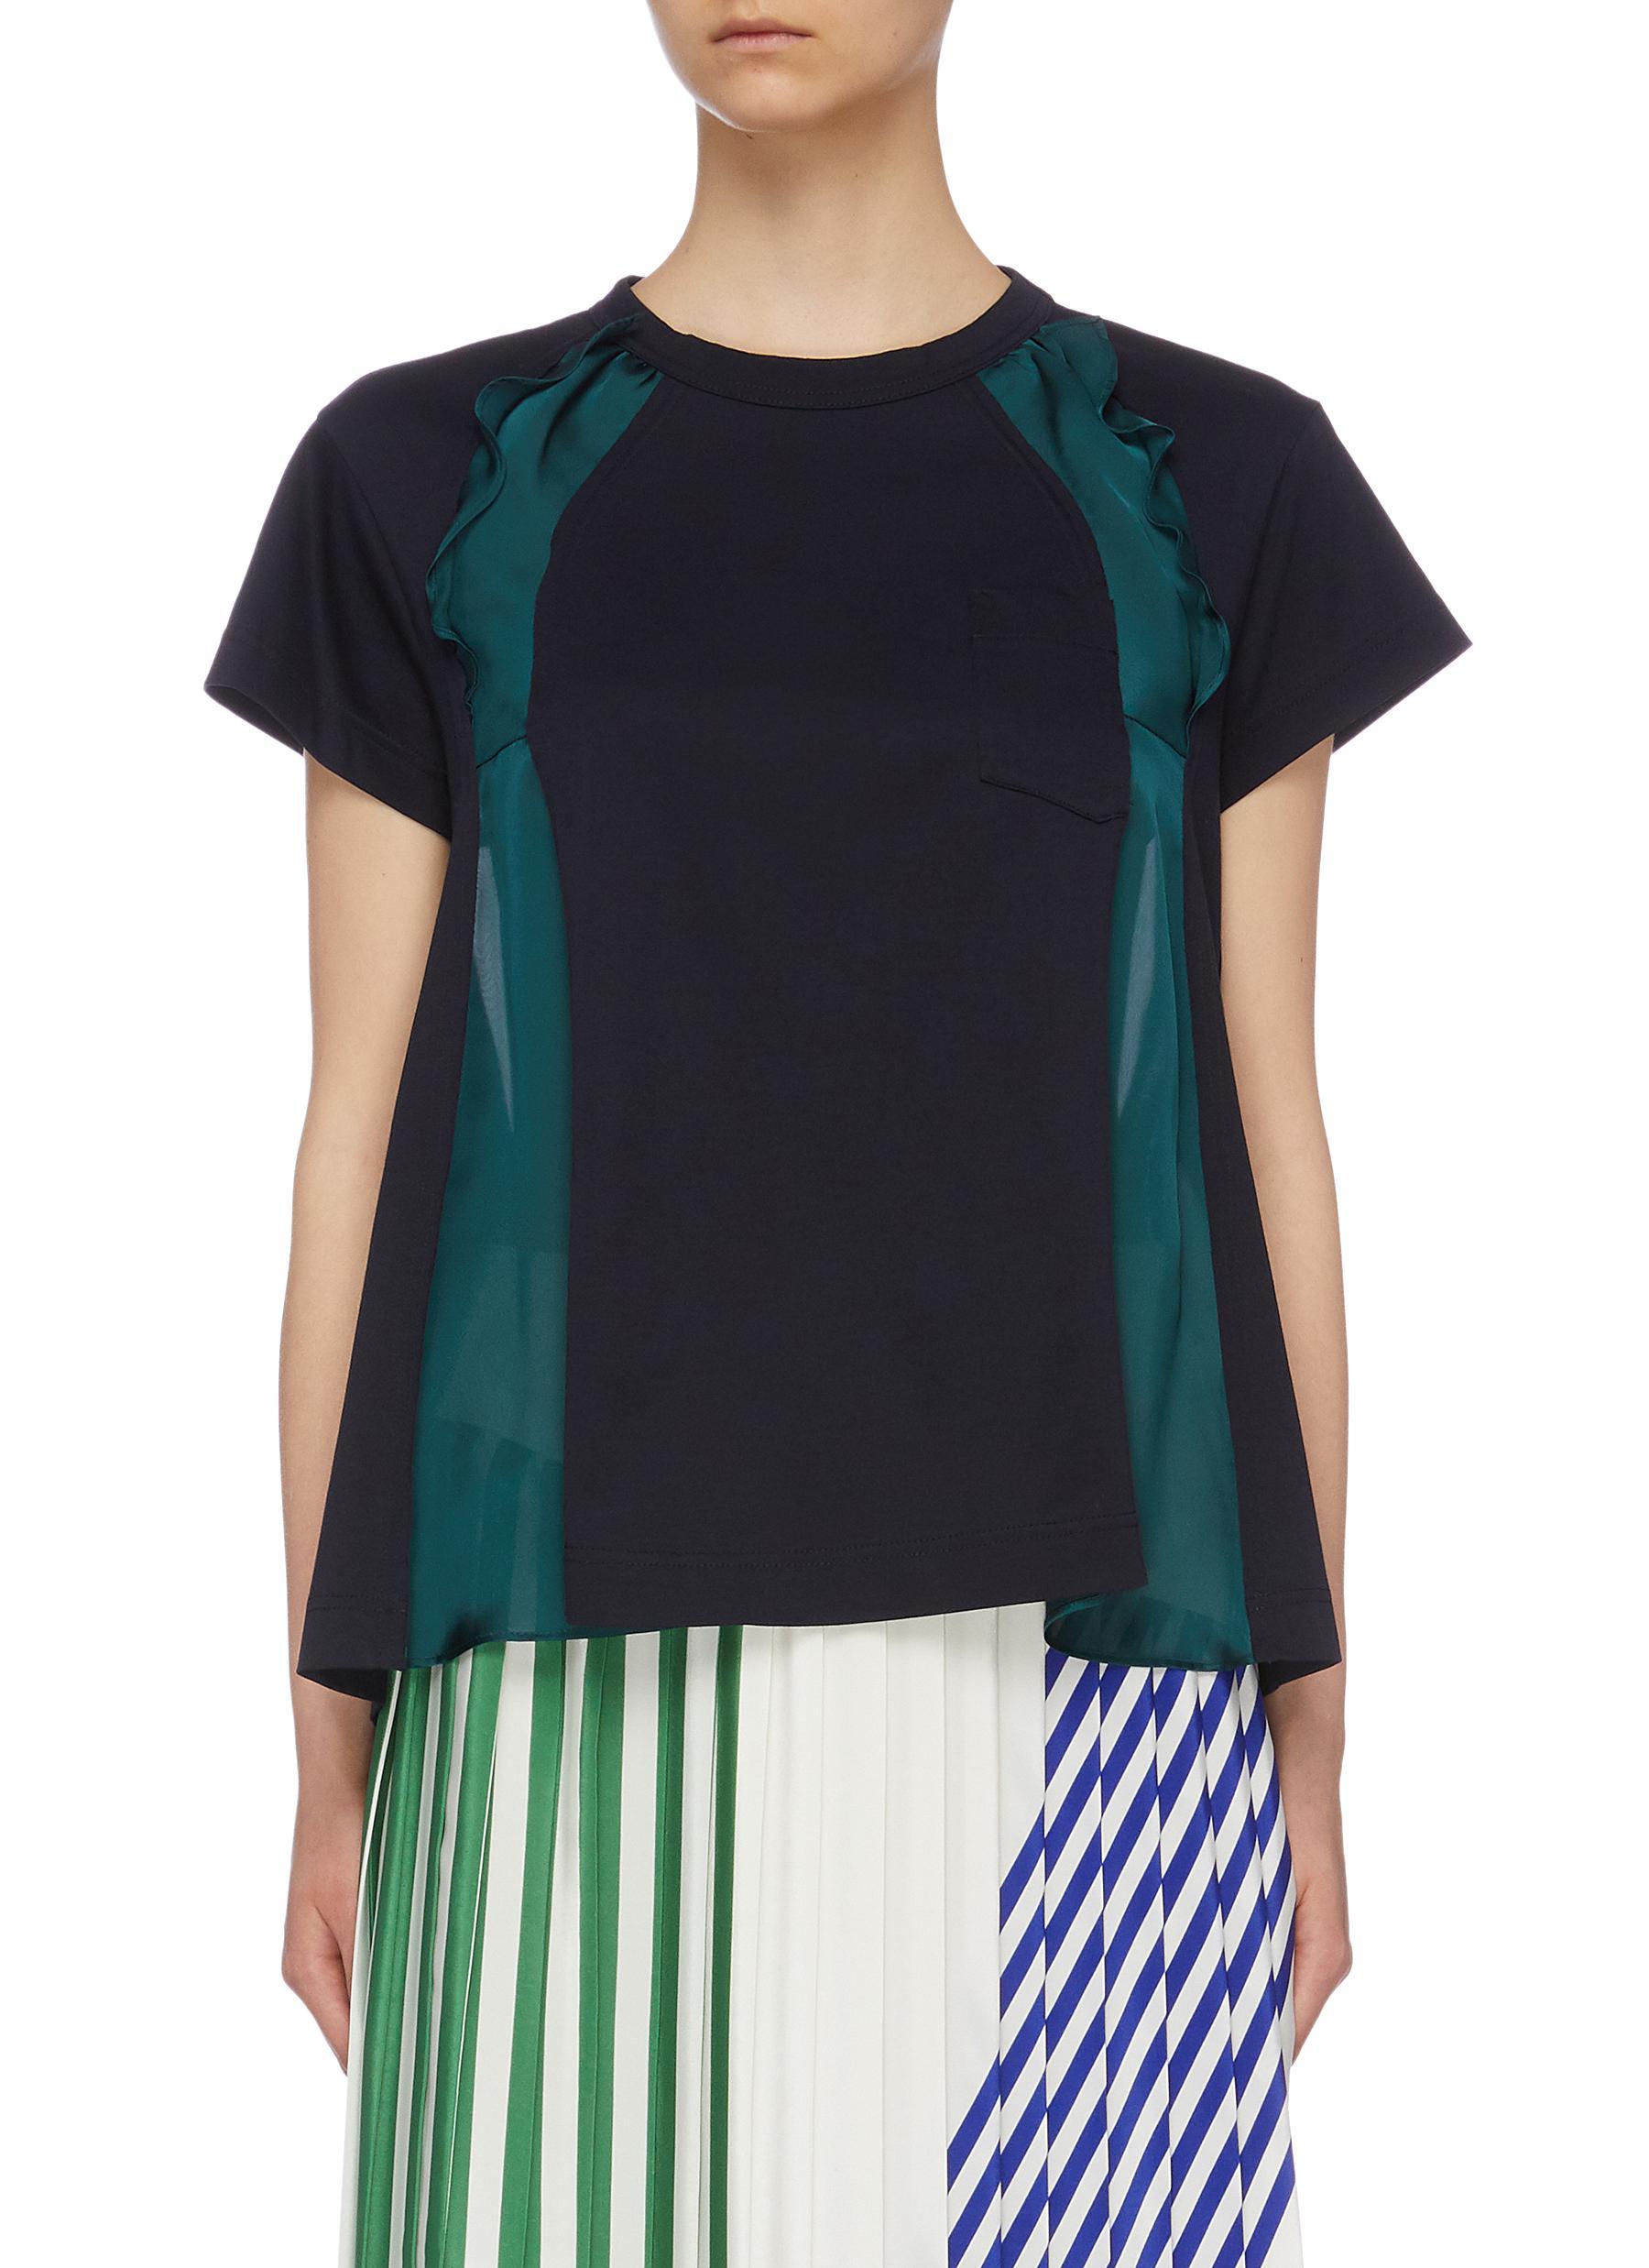 Ruffle chiffon panelled T-shirt by Sacai